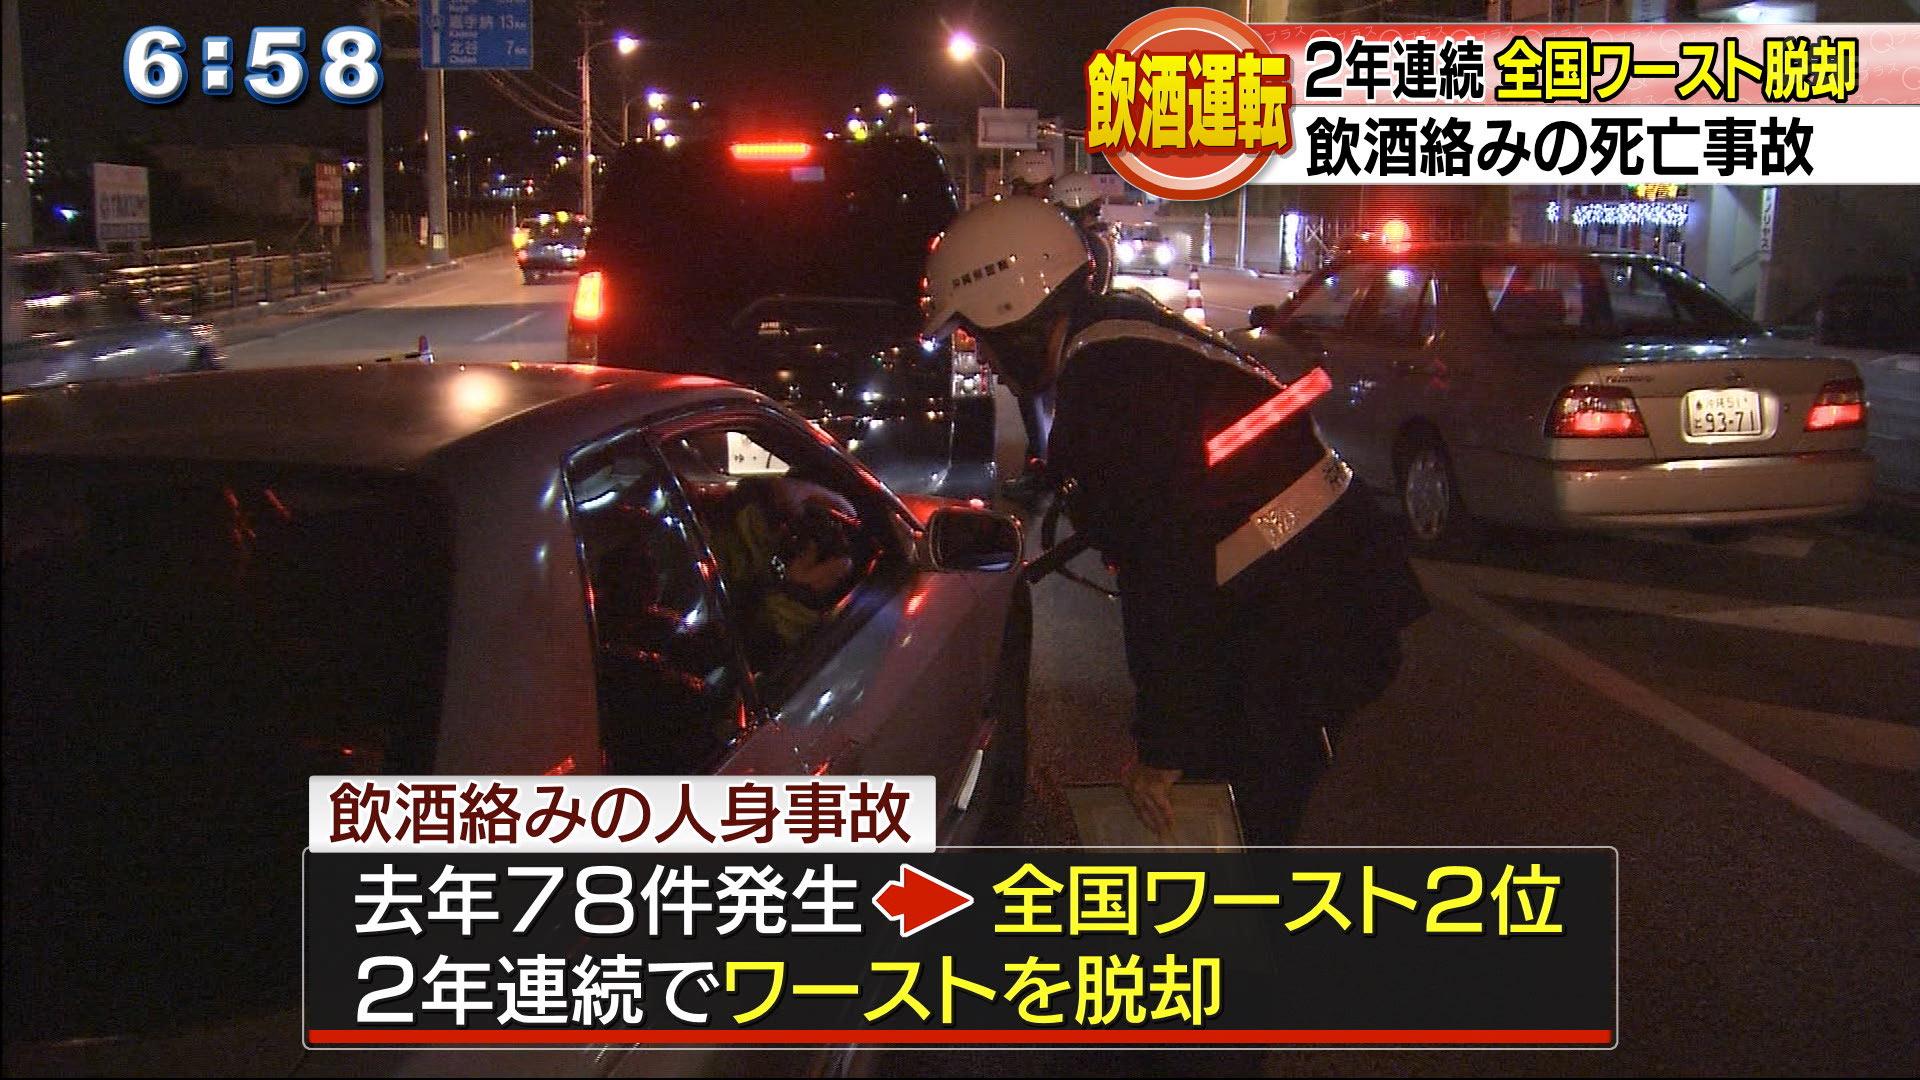 沖縄は飲酒絡みの事故 全国ワースト2位